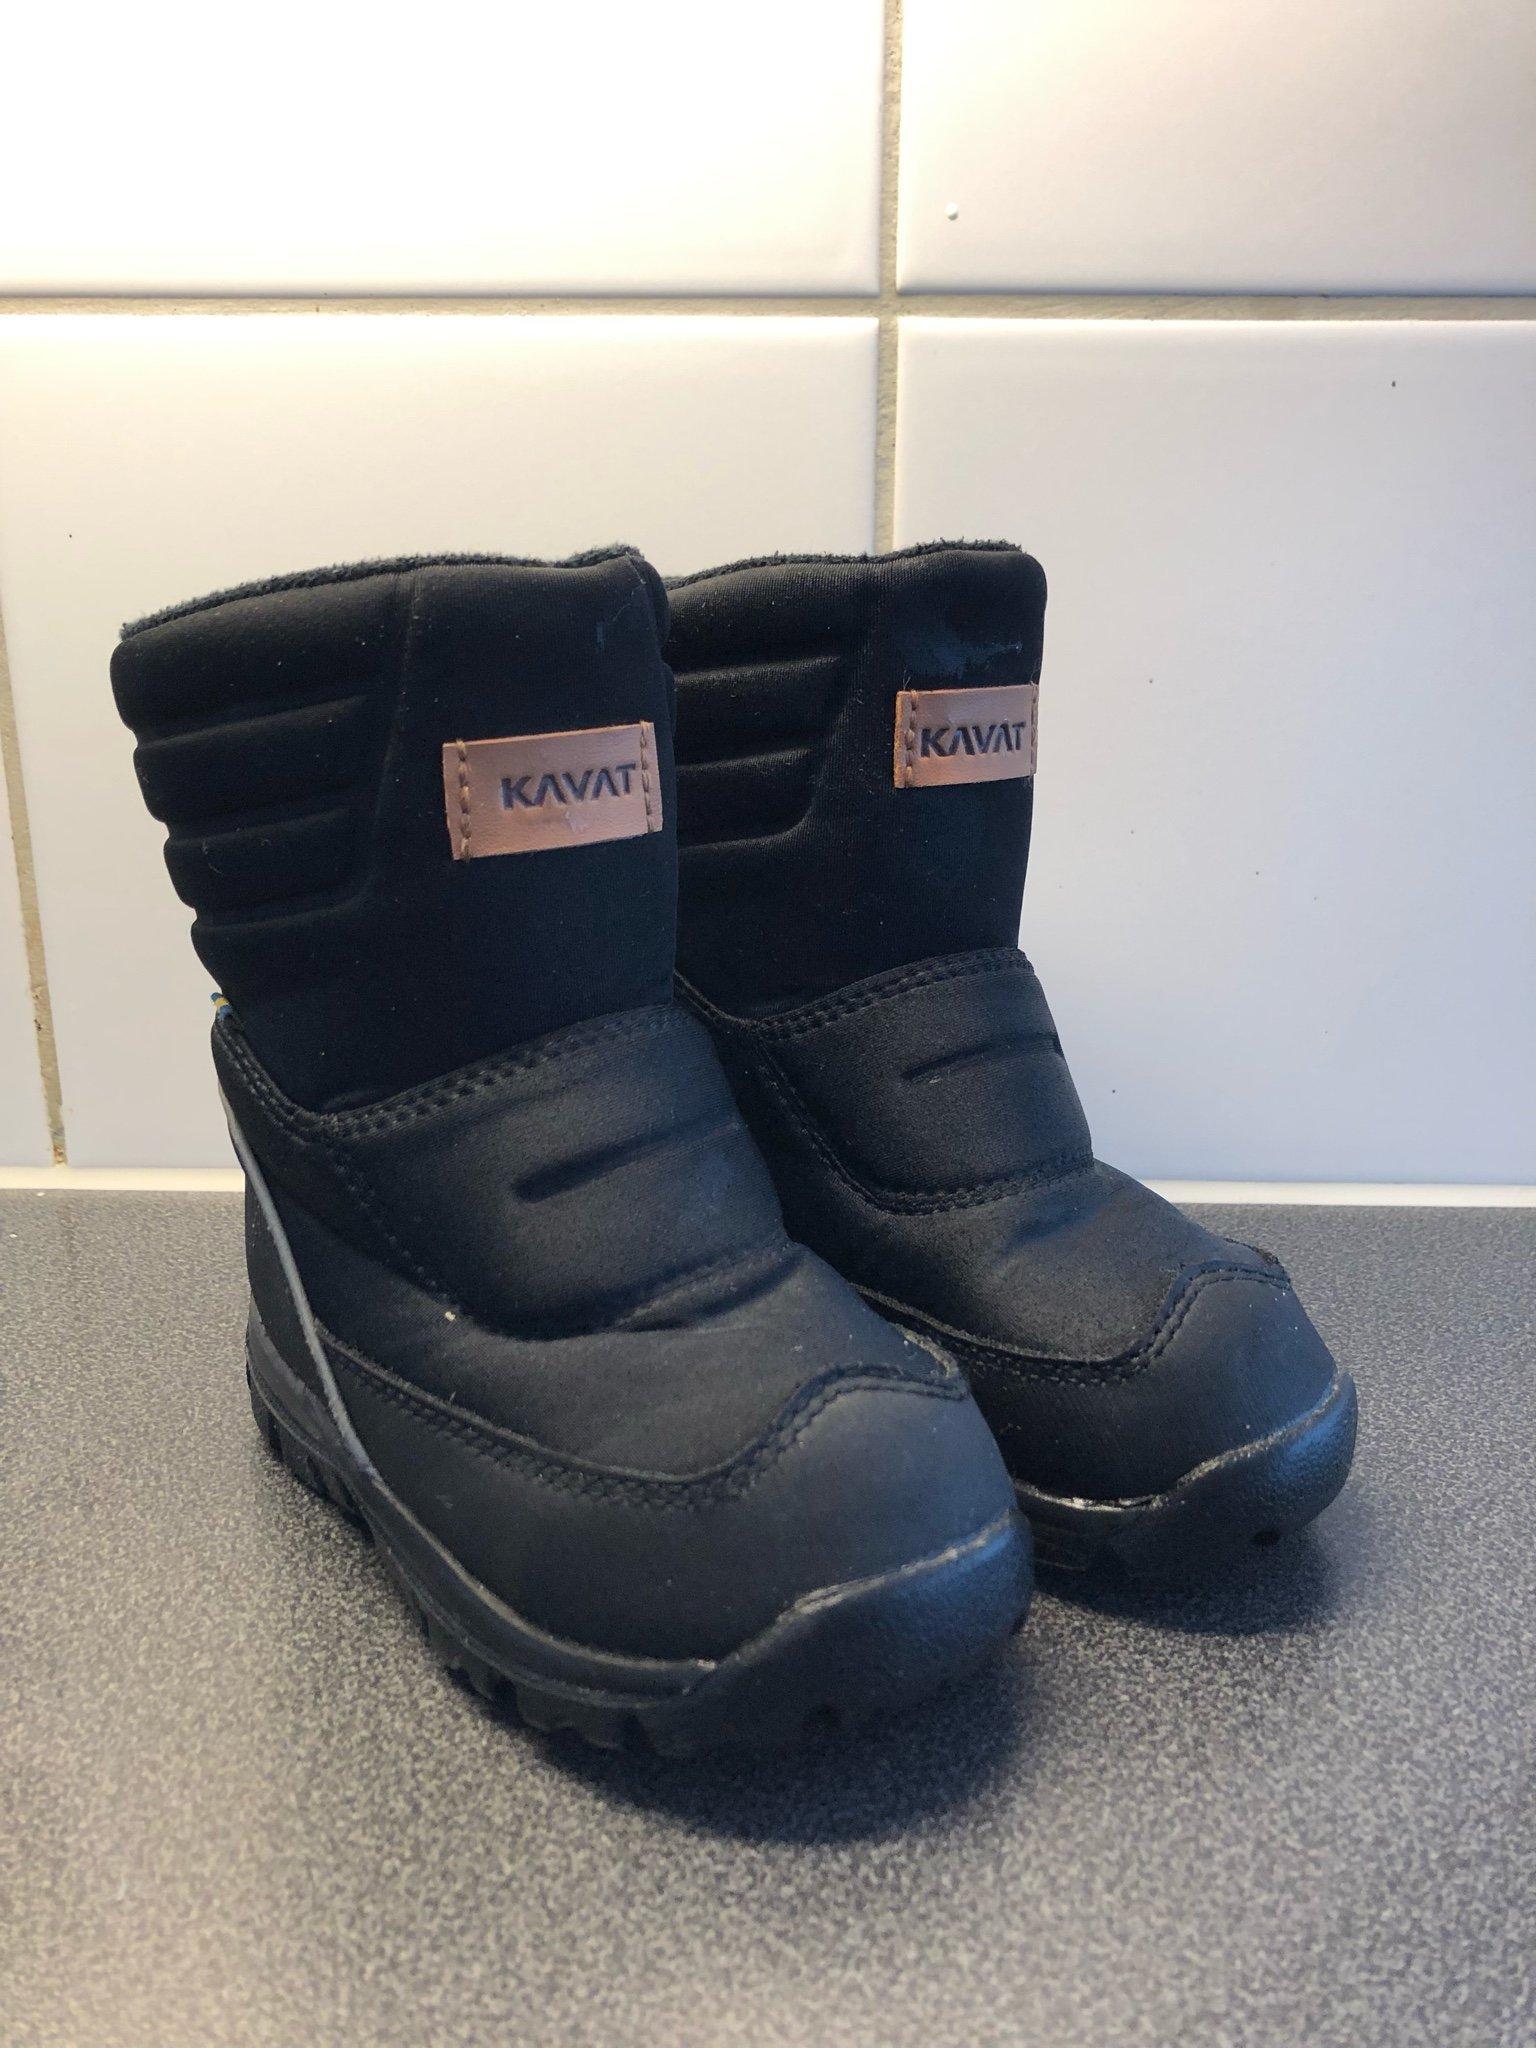 28736a8c823 Kavat Voxna WP Black Barn fodrade skor storlek 24 (349246215) ᐈ Köp ...